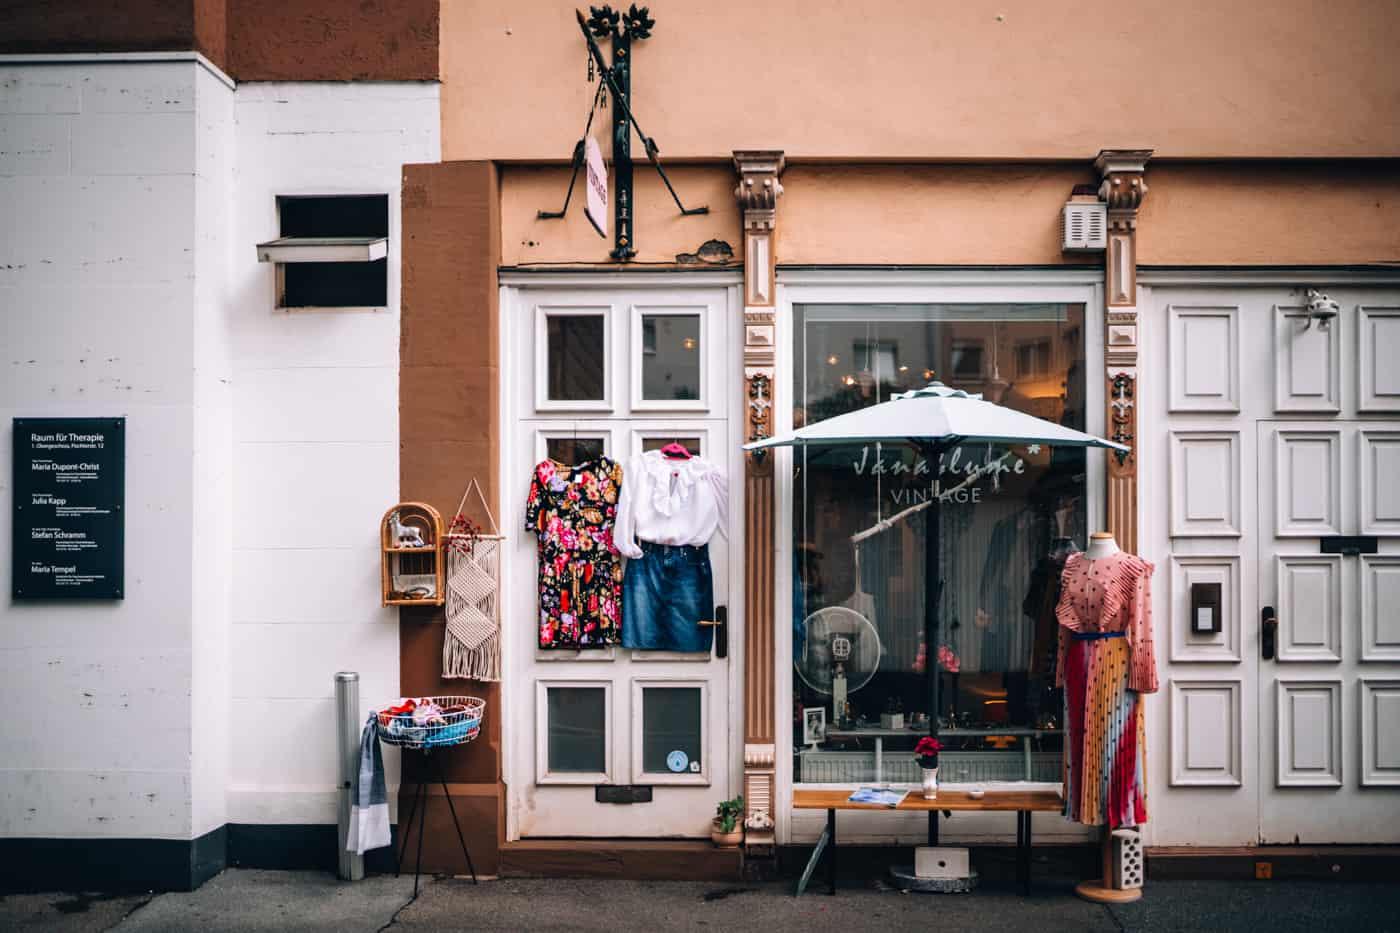 Mainz - Sehenswürdigkeiten, schönste Ecken, Essens- & Insider Tipps: Vintage Shopping in Mainz bei Janablume Vintage